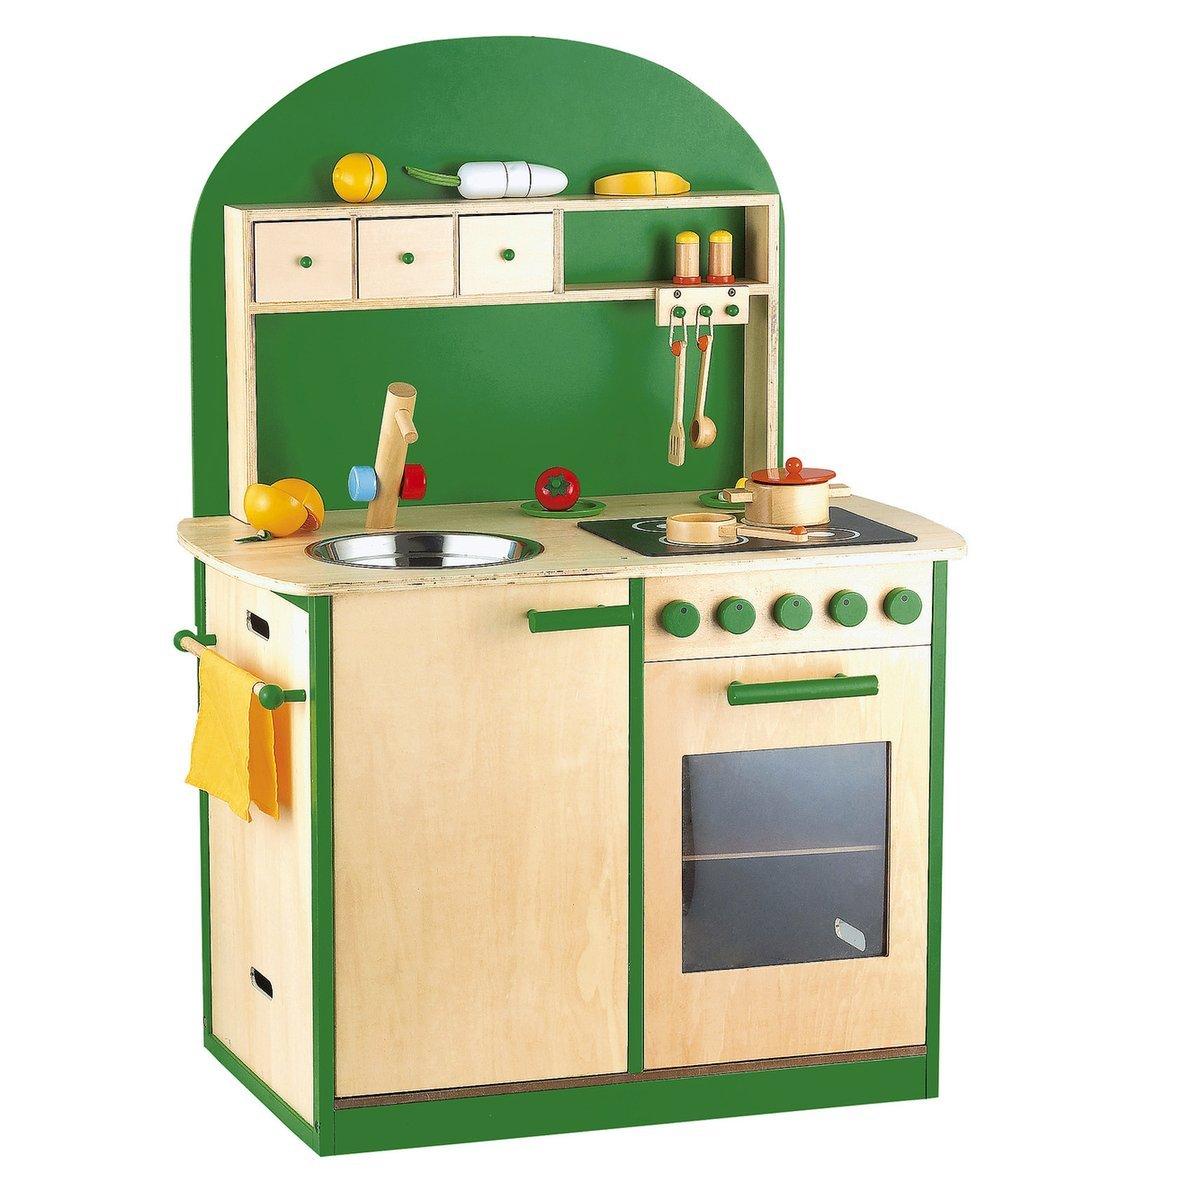 Kinderküche, Sun, Spielküche aus Holz, Holz, Holz, grün dd800b